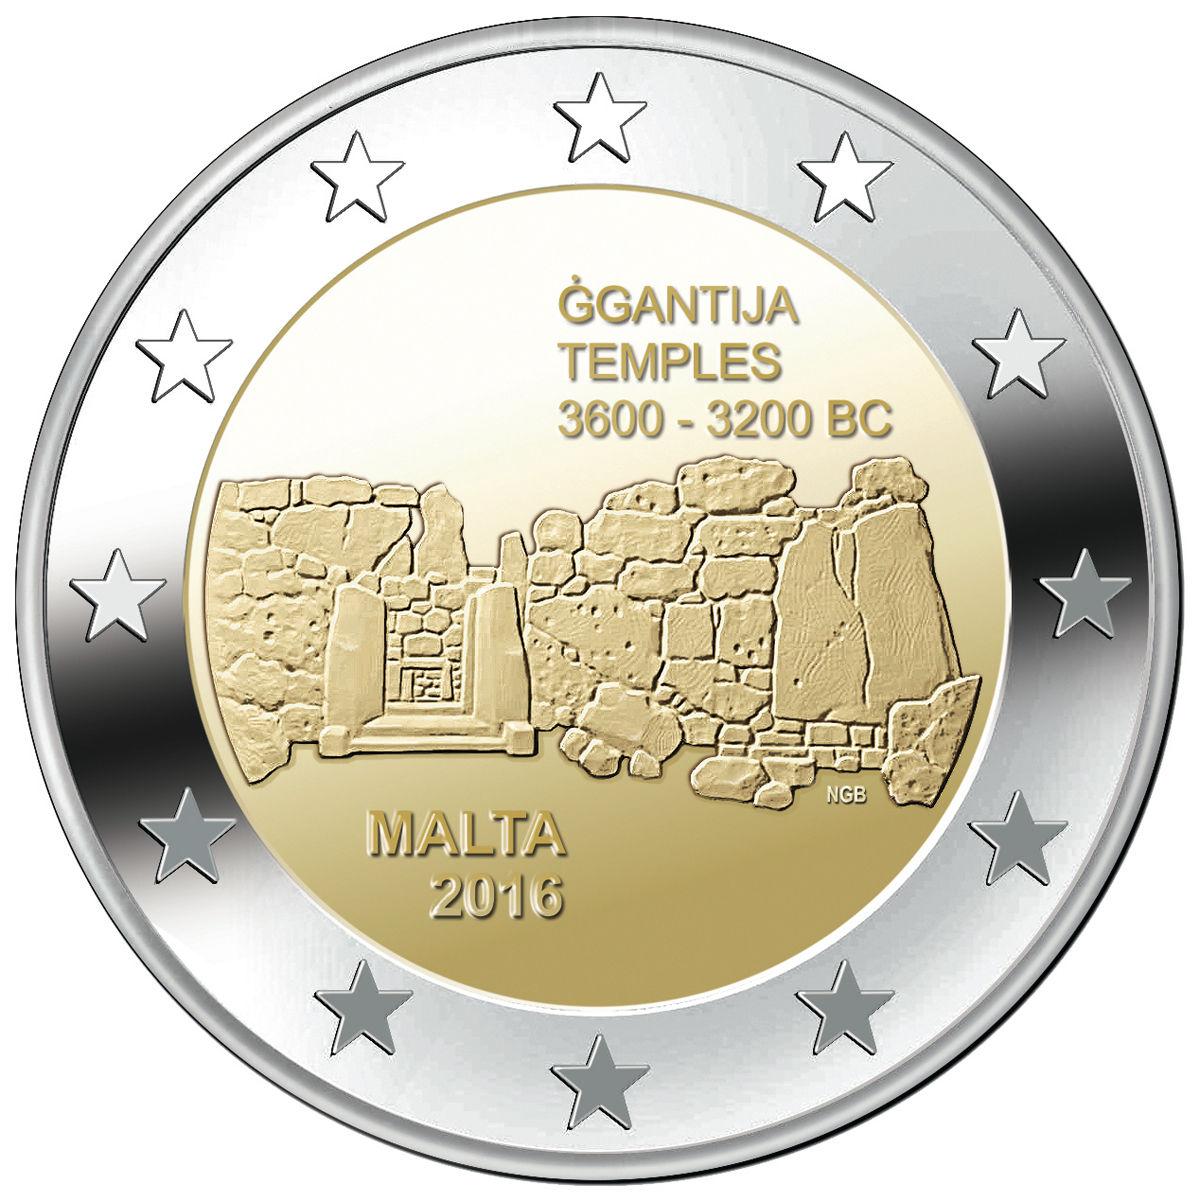 Мальта 2 евро 2016 г.  Джгантия